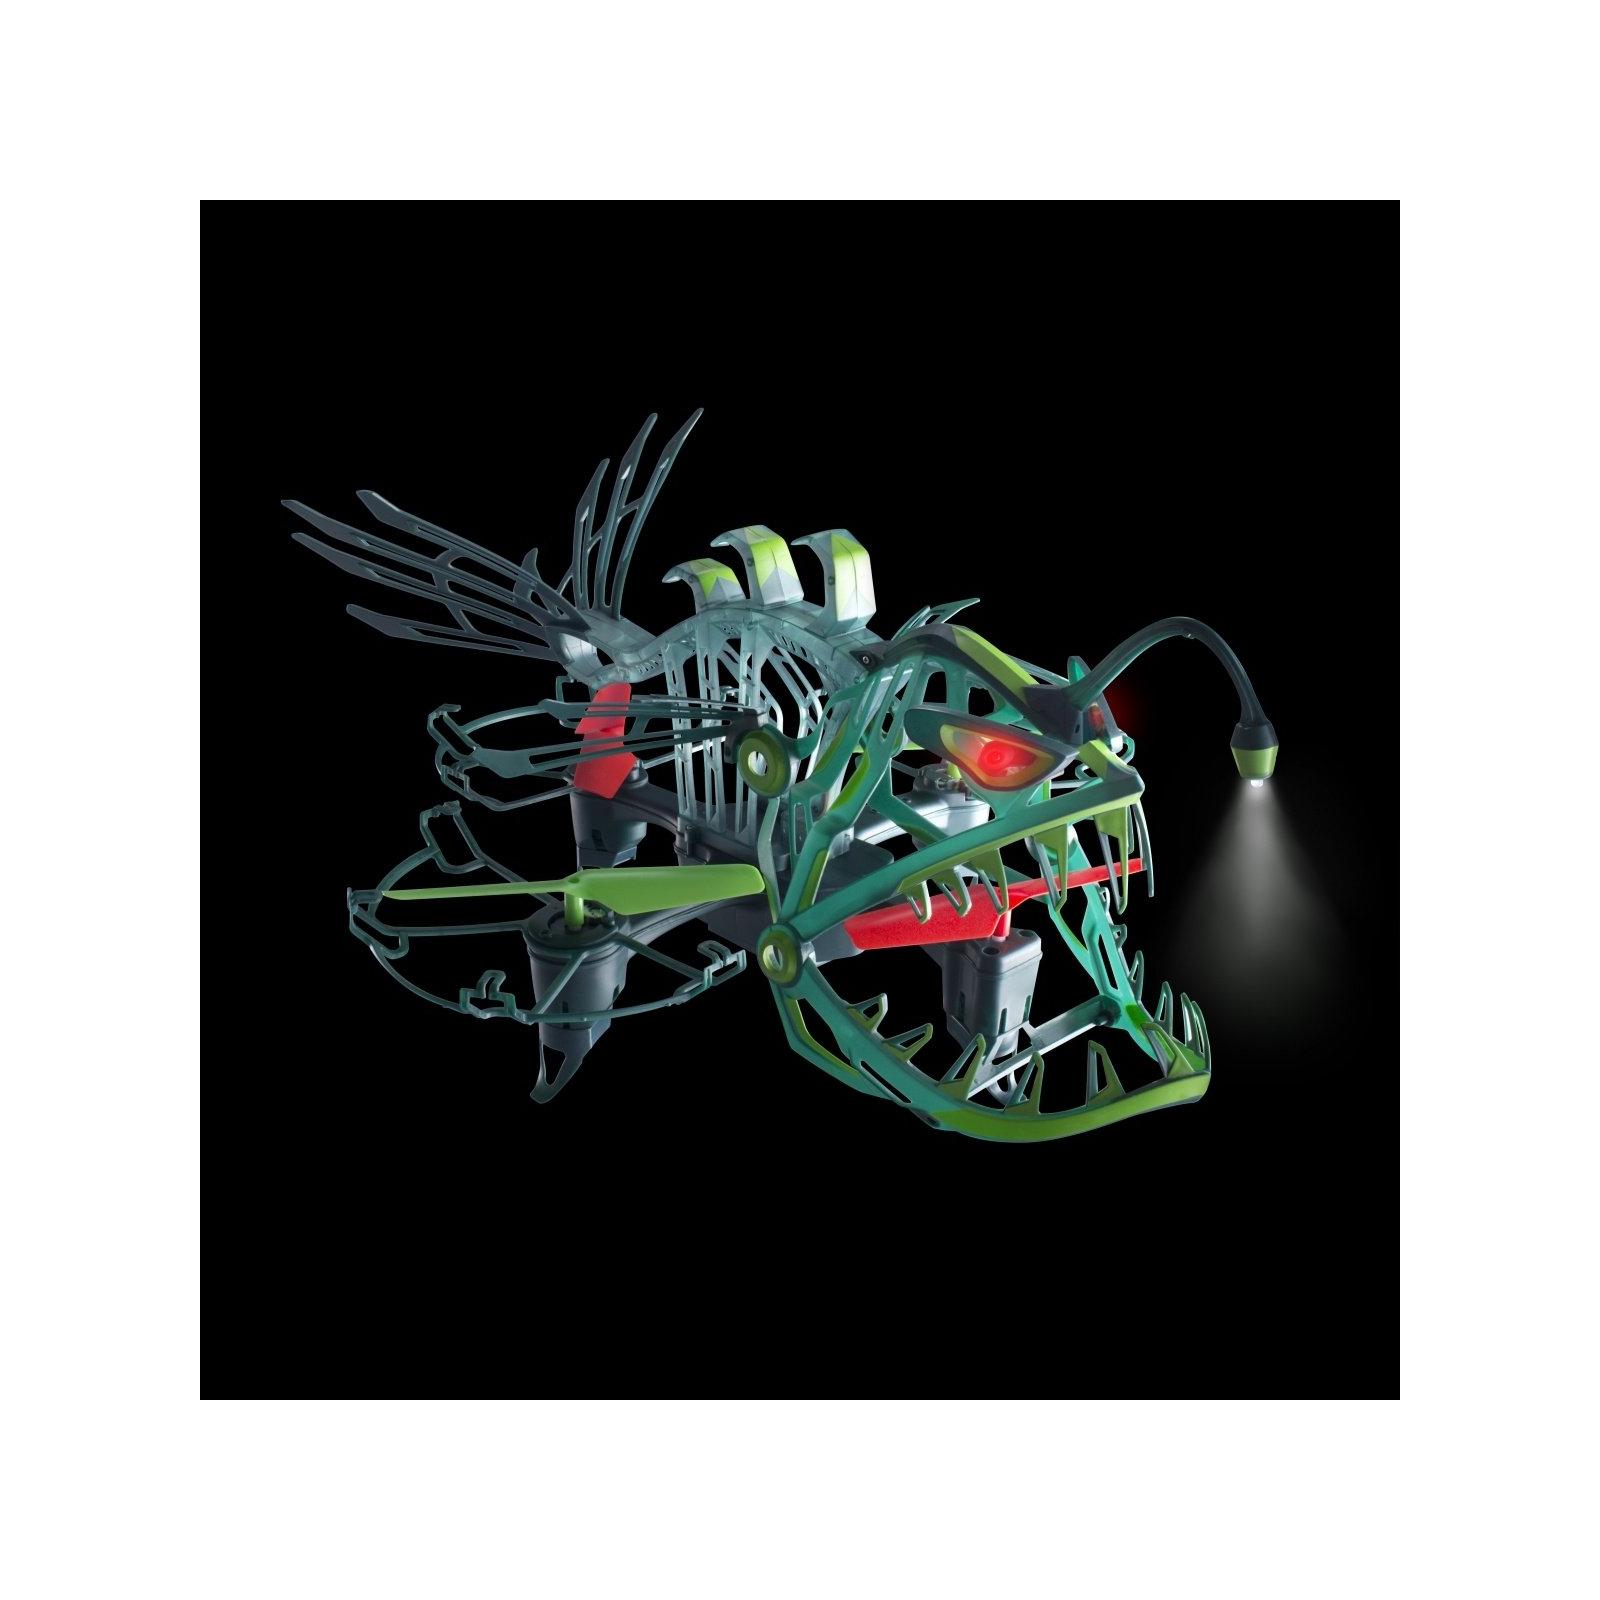 Квадрокоптер Auldey Drone Force дослідник та захісник Angler Attack (YW858300) зображення 3